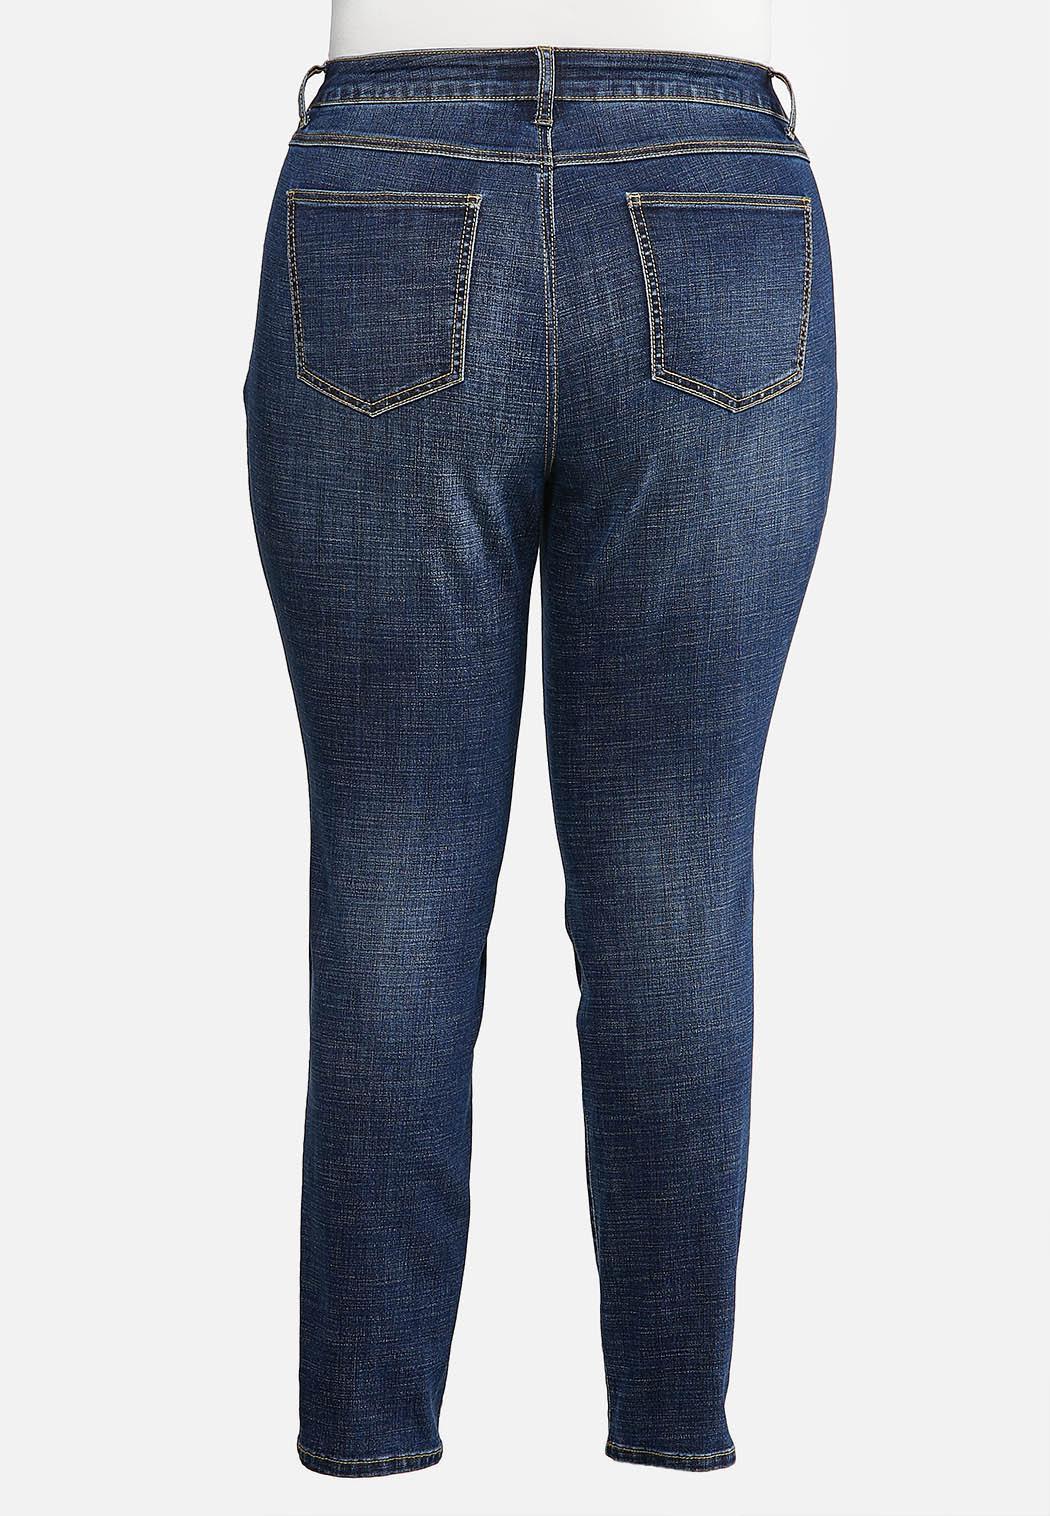 Plus Size Crosshatch Jeans (Item #43926487)